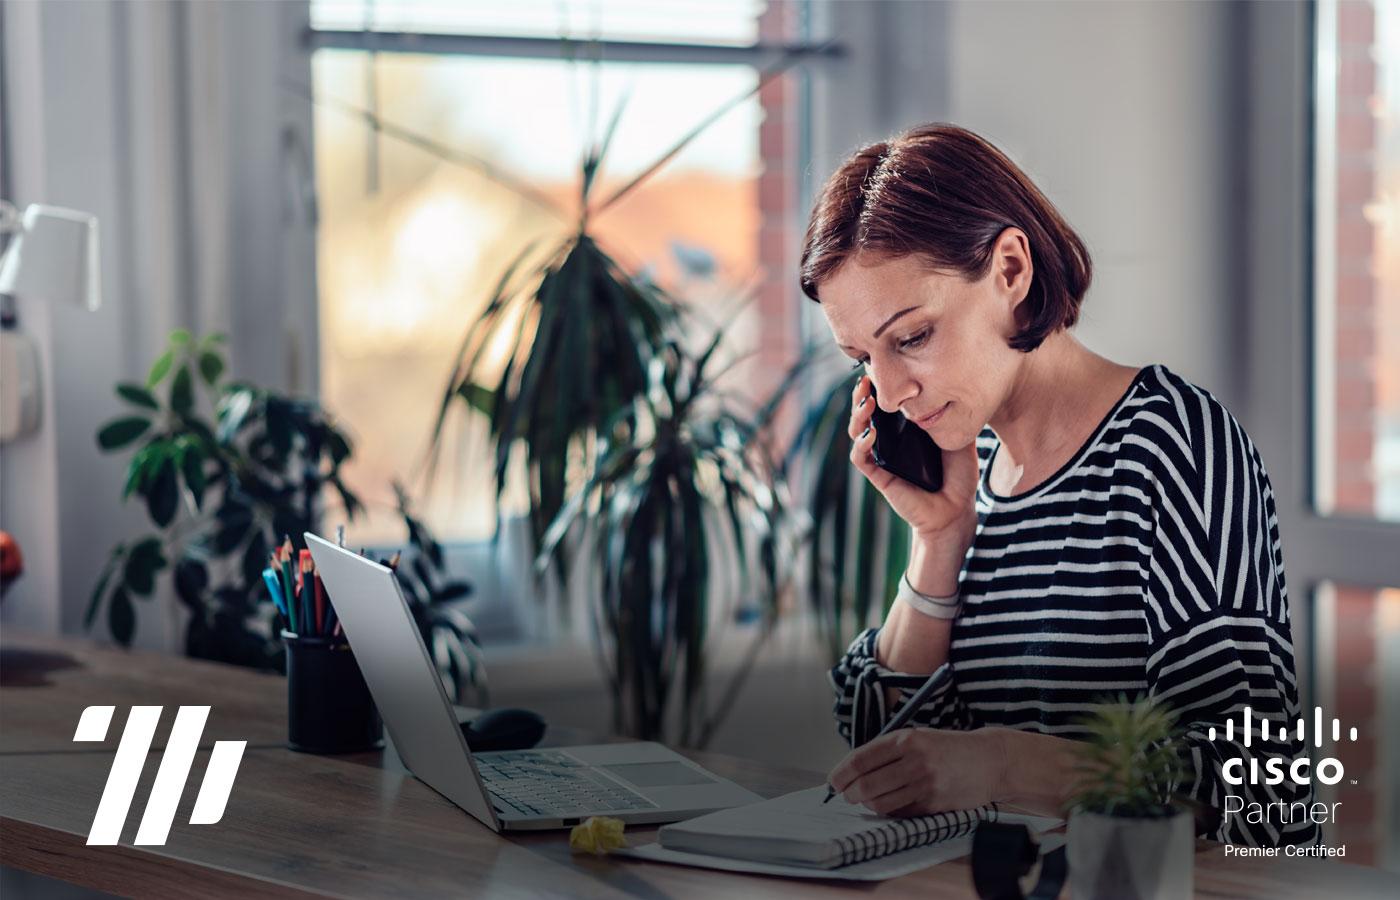 ¿Cuáles son los beneficios de Hybrid Workplace y qué te aporta?